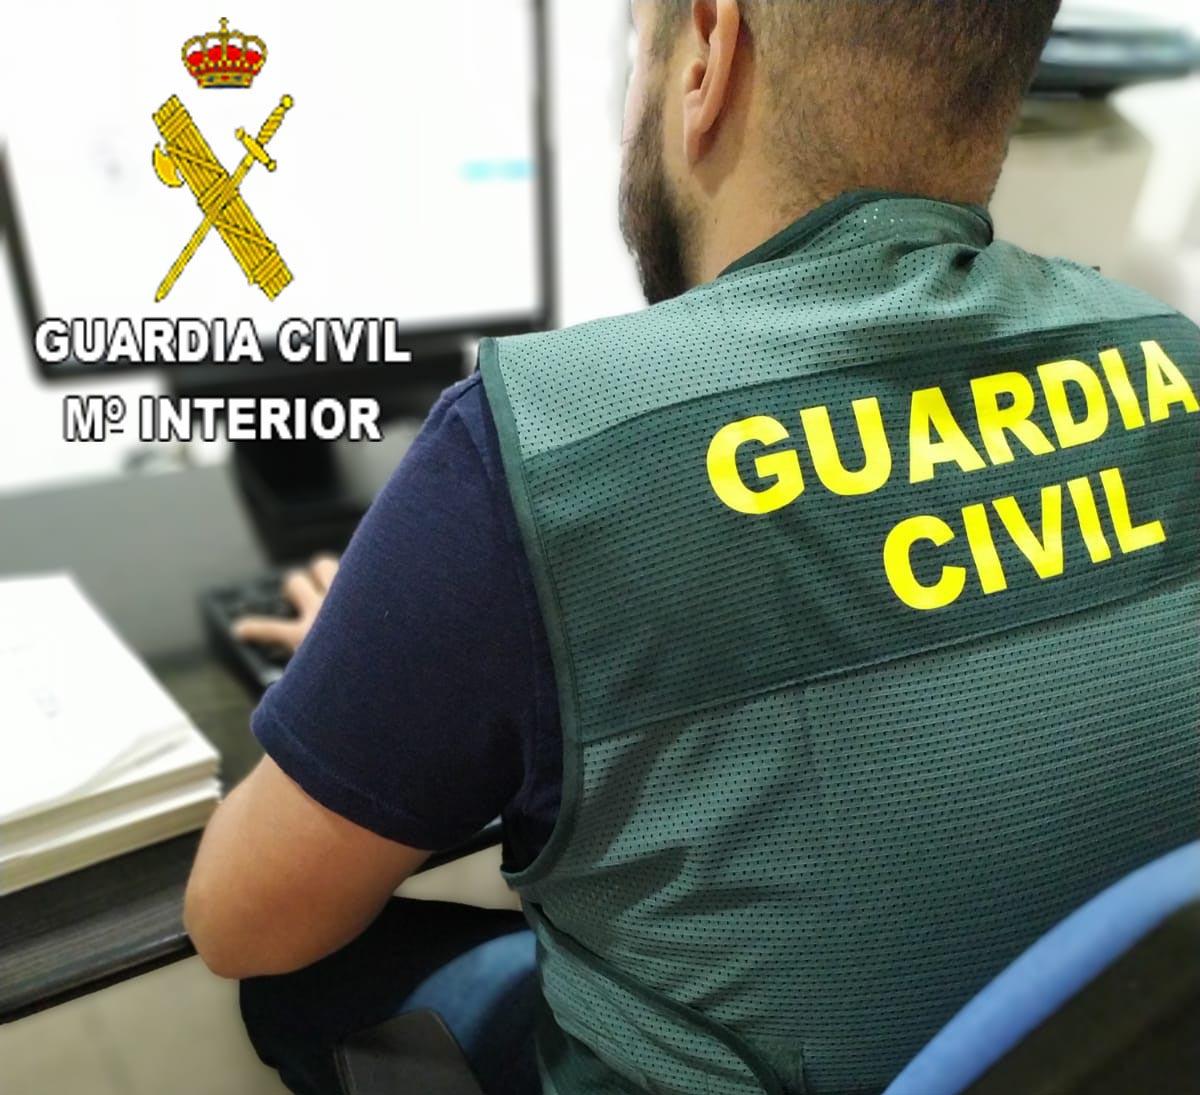 guardia civil - Alzira Radio notícies d'Alzira